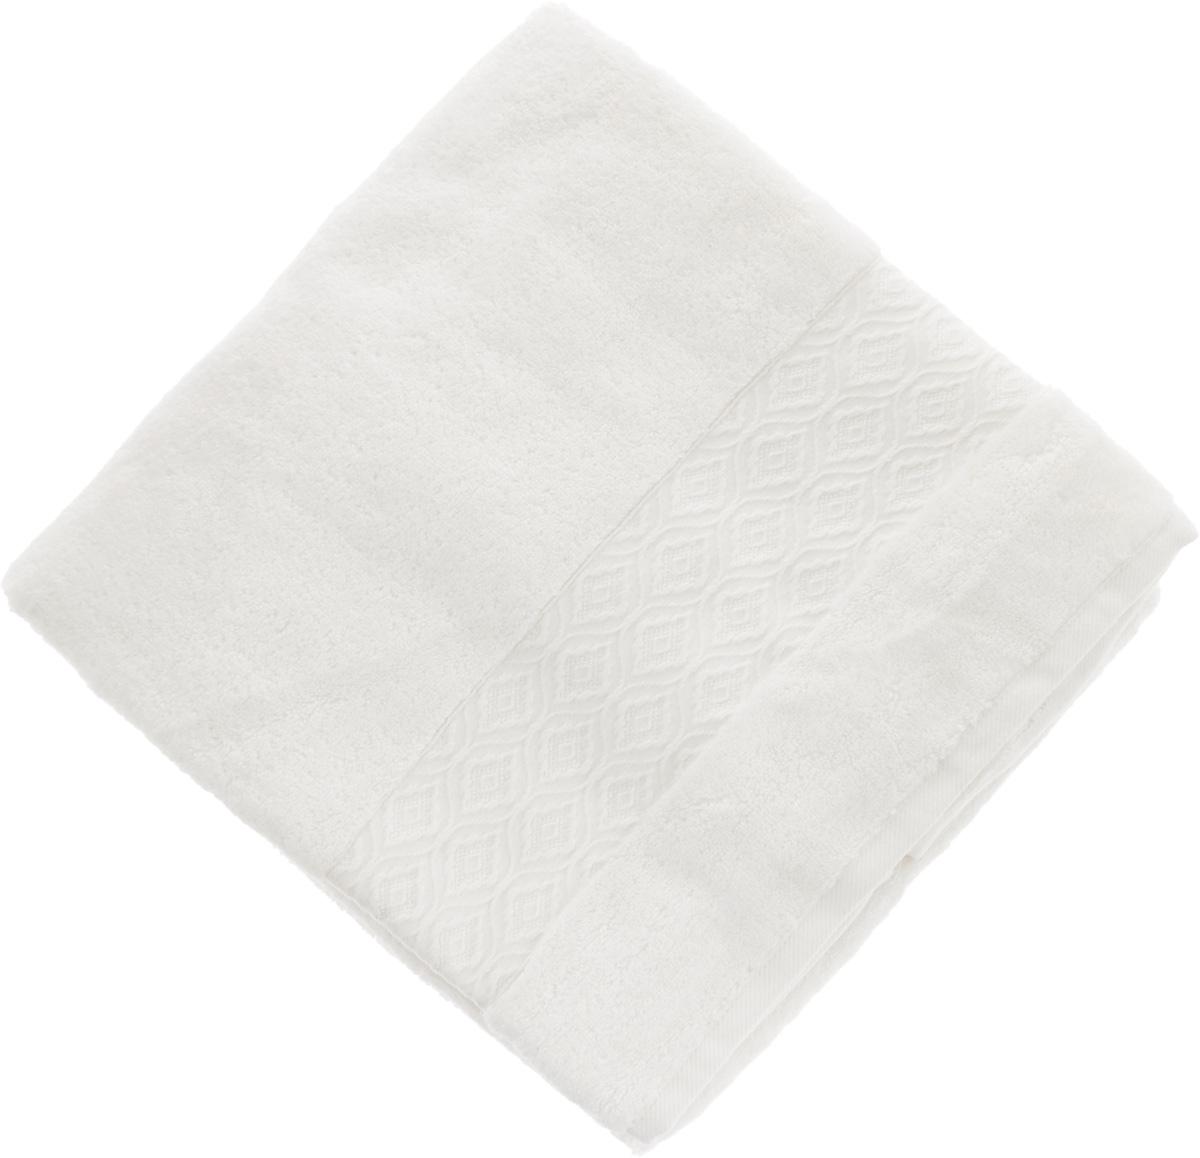 Полотенце Issimo Home Delphine, цвет: белый, 90 x 150 см4714Полотенце Issimo Home Delphine выполнено из модала и хлопка. Такое полотенце обладает уникальными свойствами и характеристиками. Необычайная мягкость модала и шелковистый блеск делают изделие приятными на ощупь и практичными в использовании. Моментально впитывает влагу, сохраняет невесомость даже в мокром виде, быстро сохнет. Полотенце декорировано жаккардовым узором.